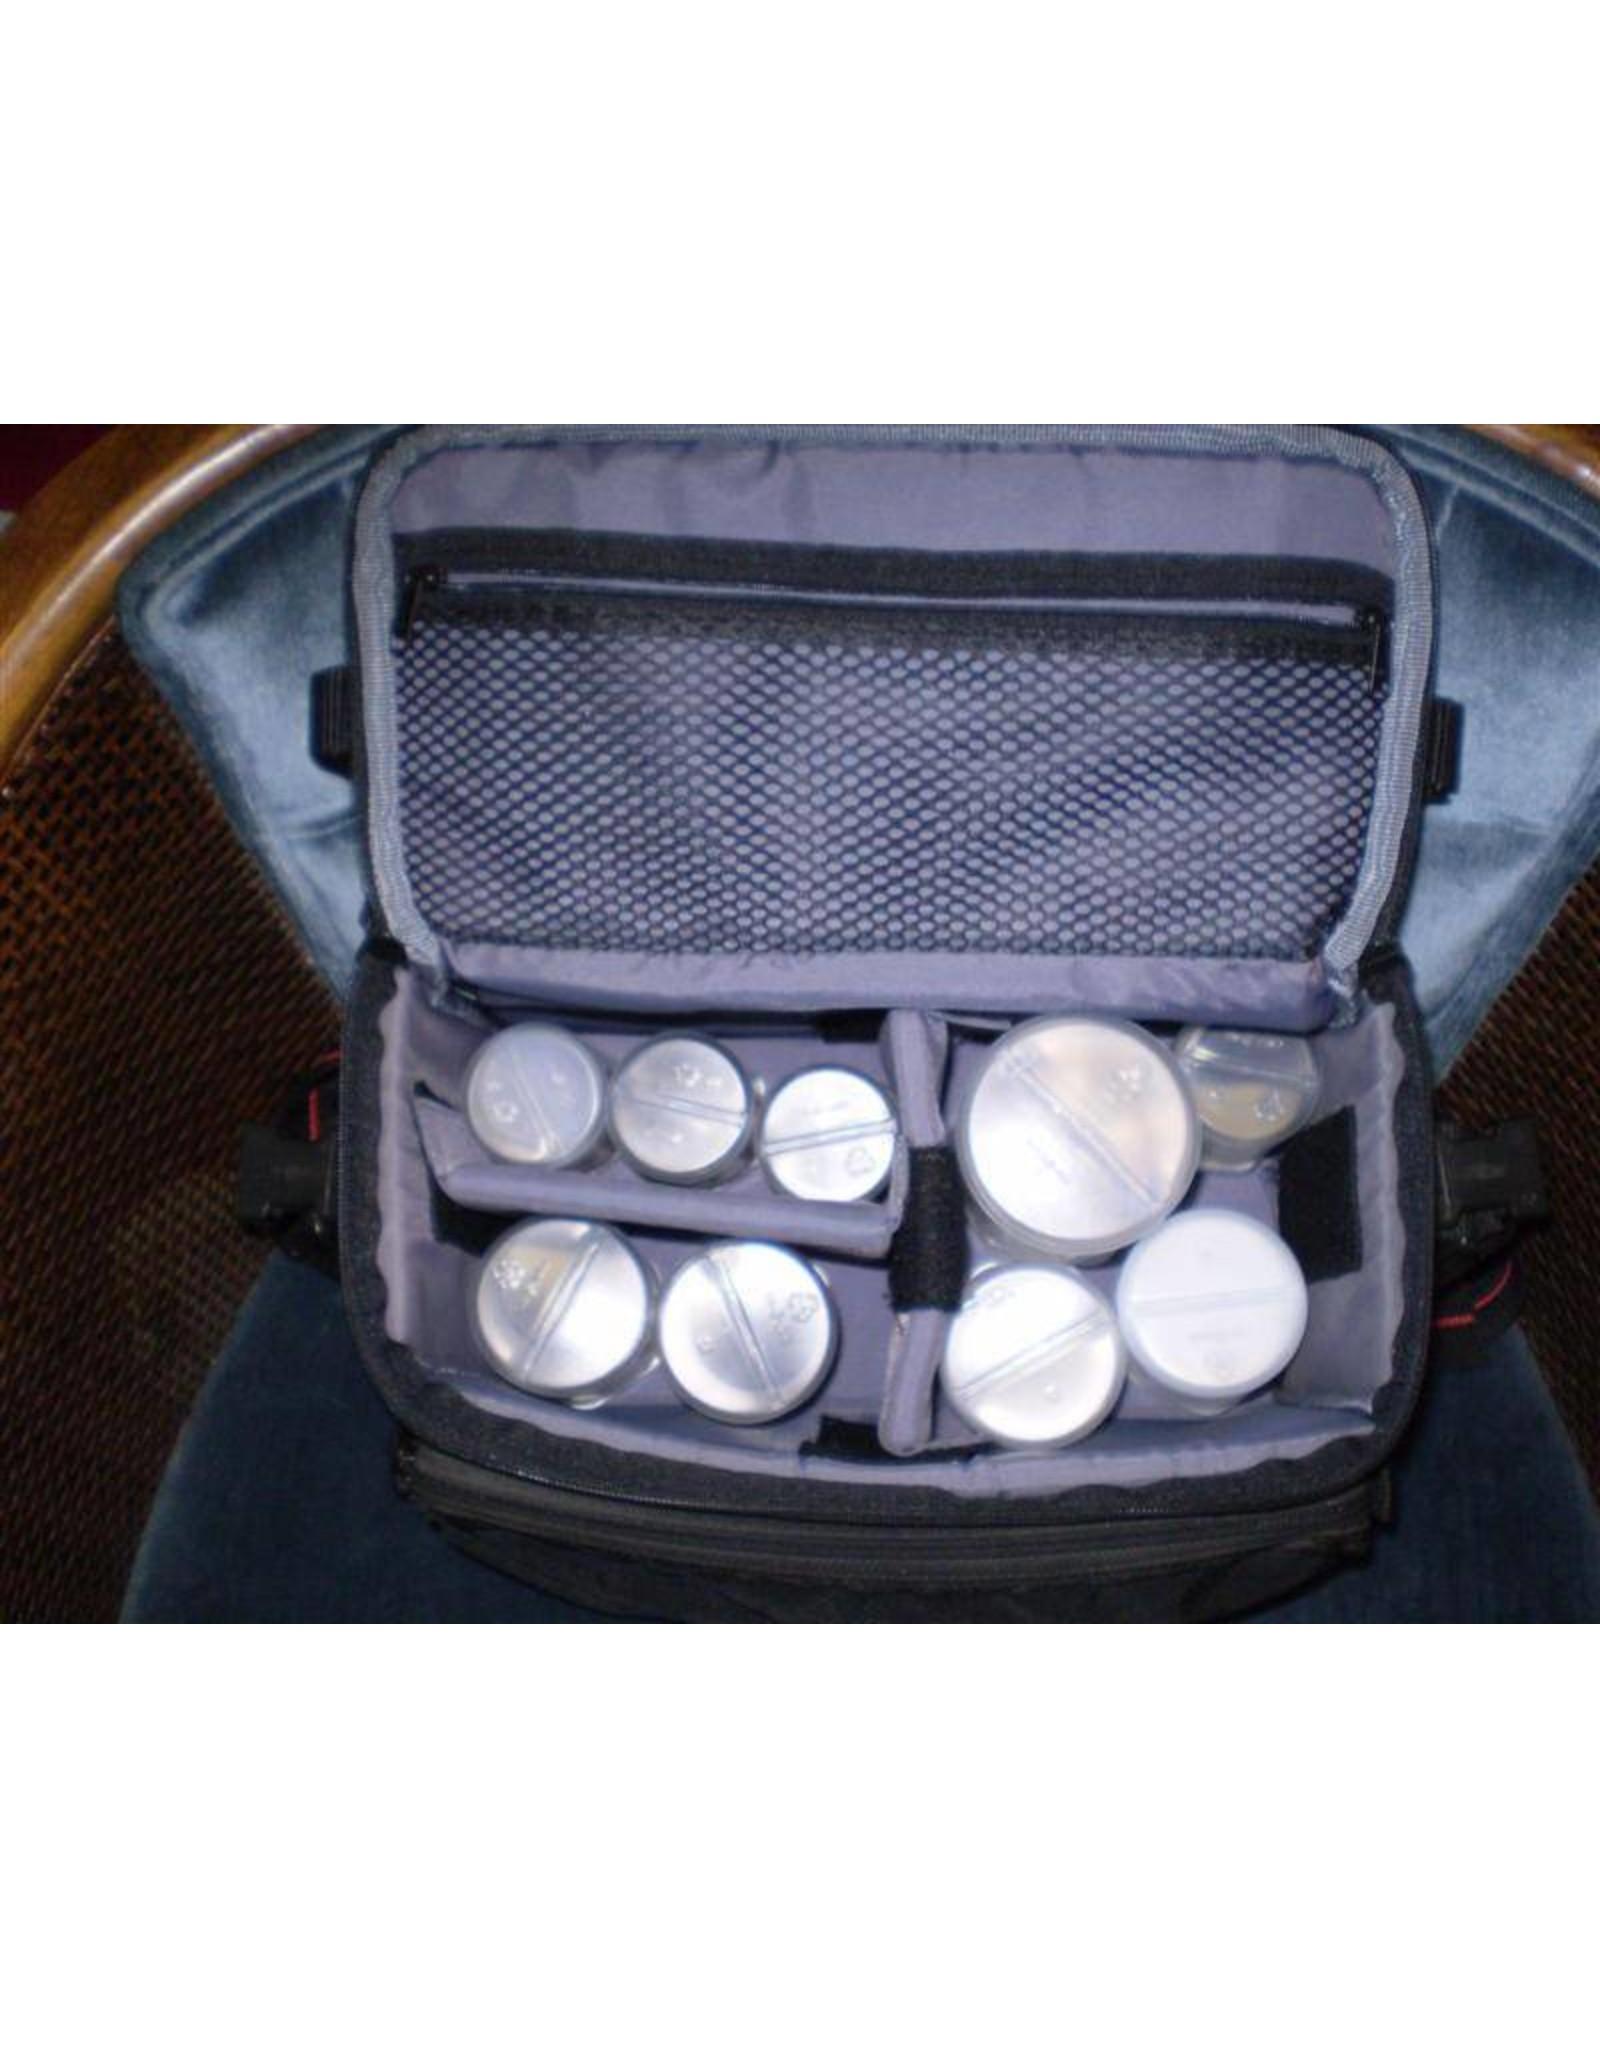 Arcturus Arcturus #003 42mm x 80mm Twist Pack Eyepiece Case